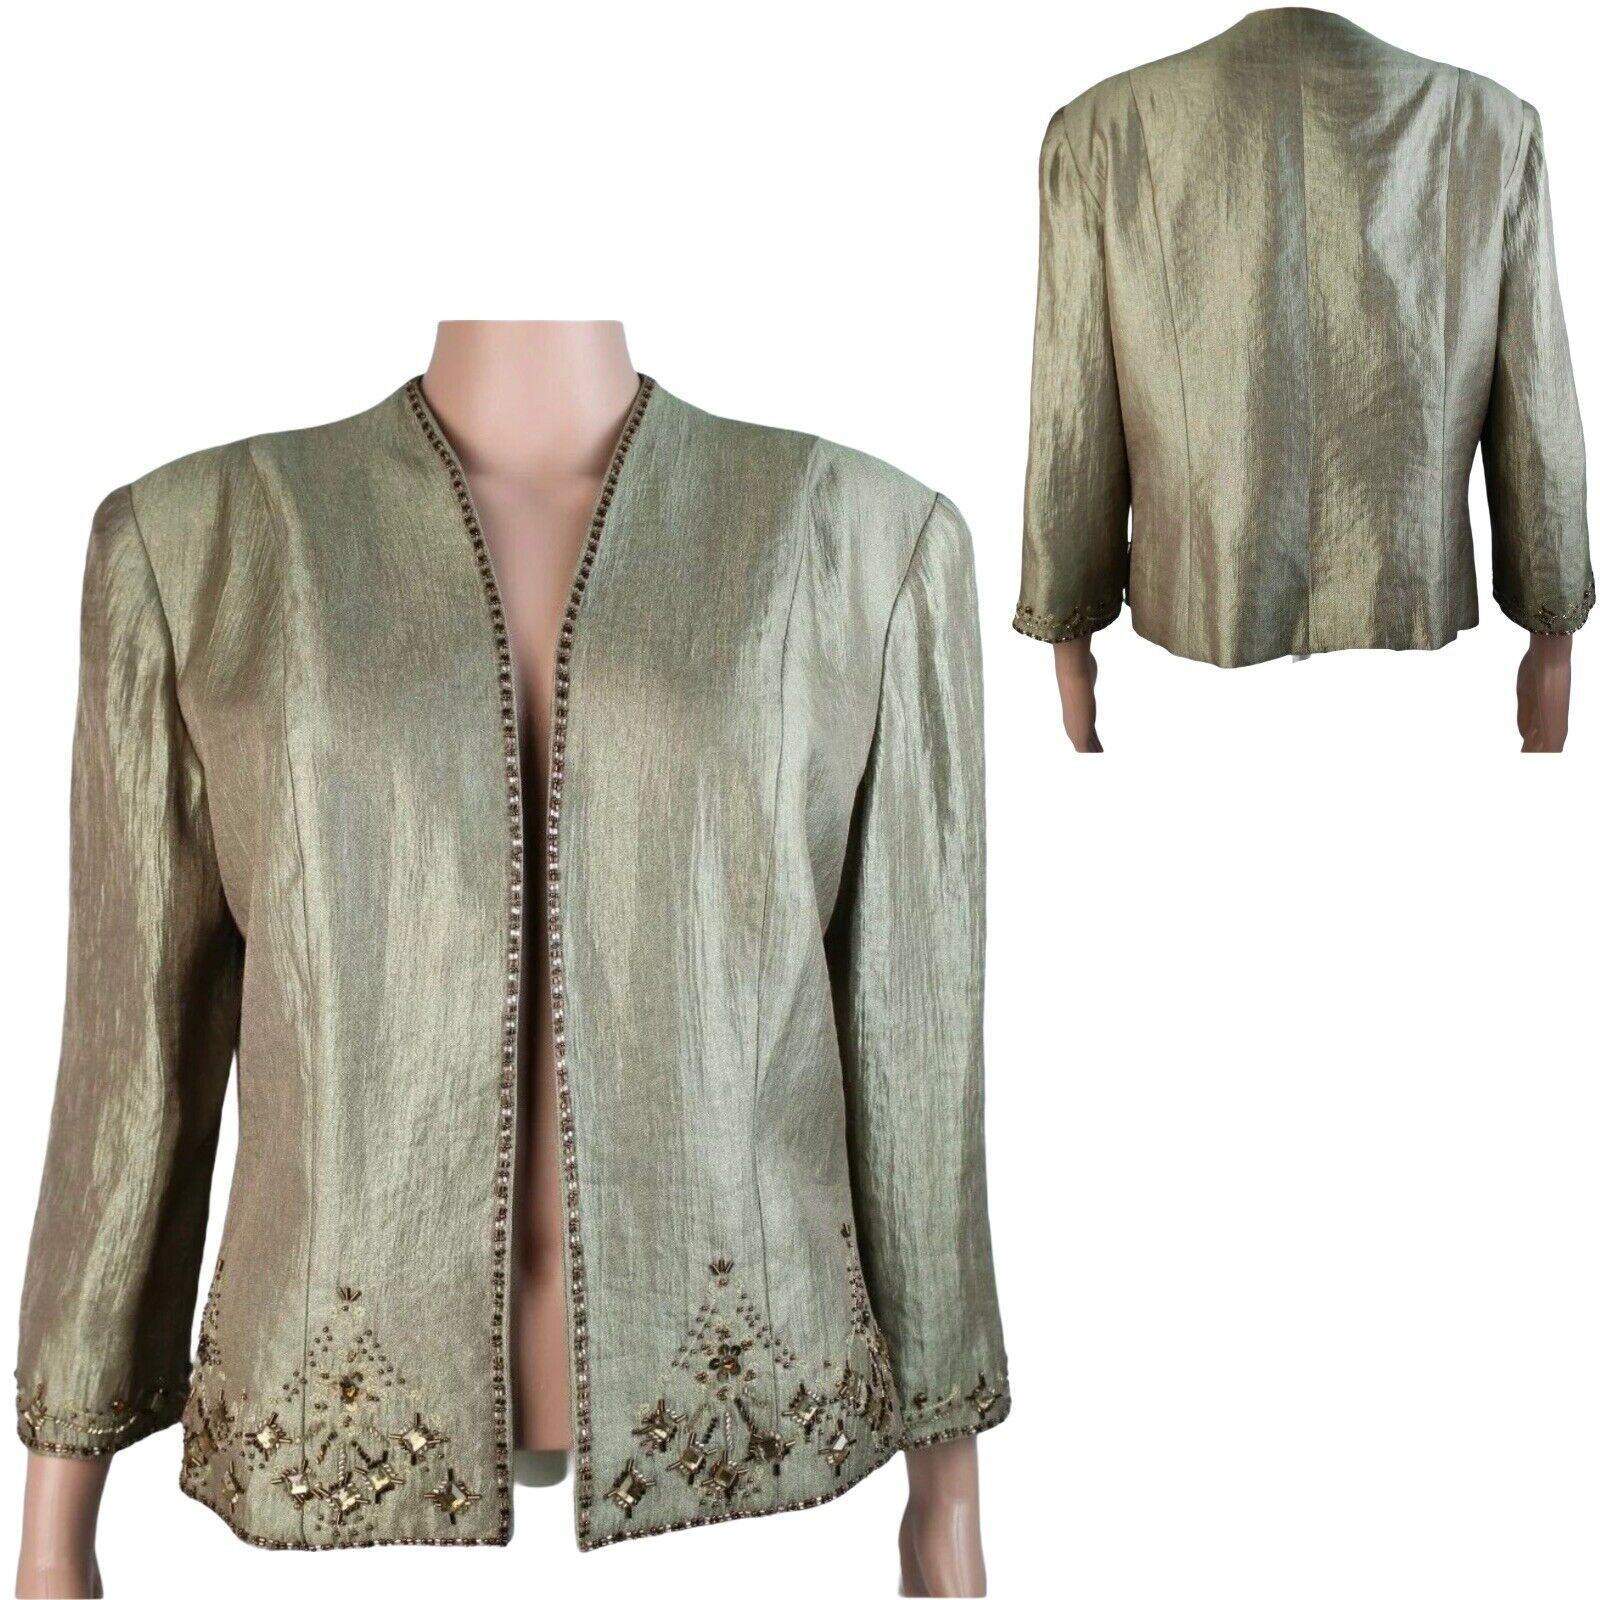 Davids Bridal formal jacket blazer beaded sequins gold bronze shimmer size 12